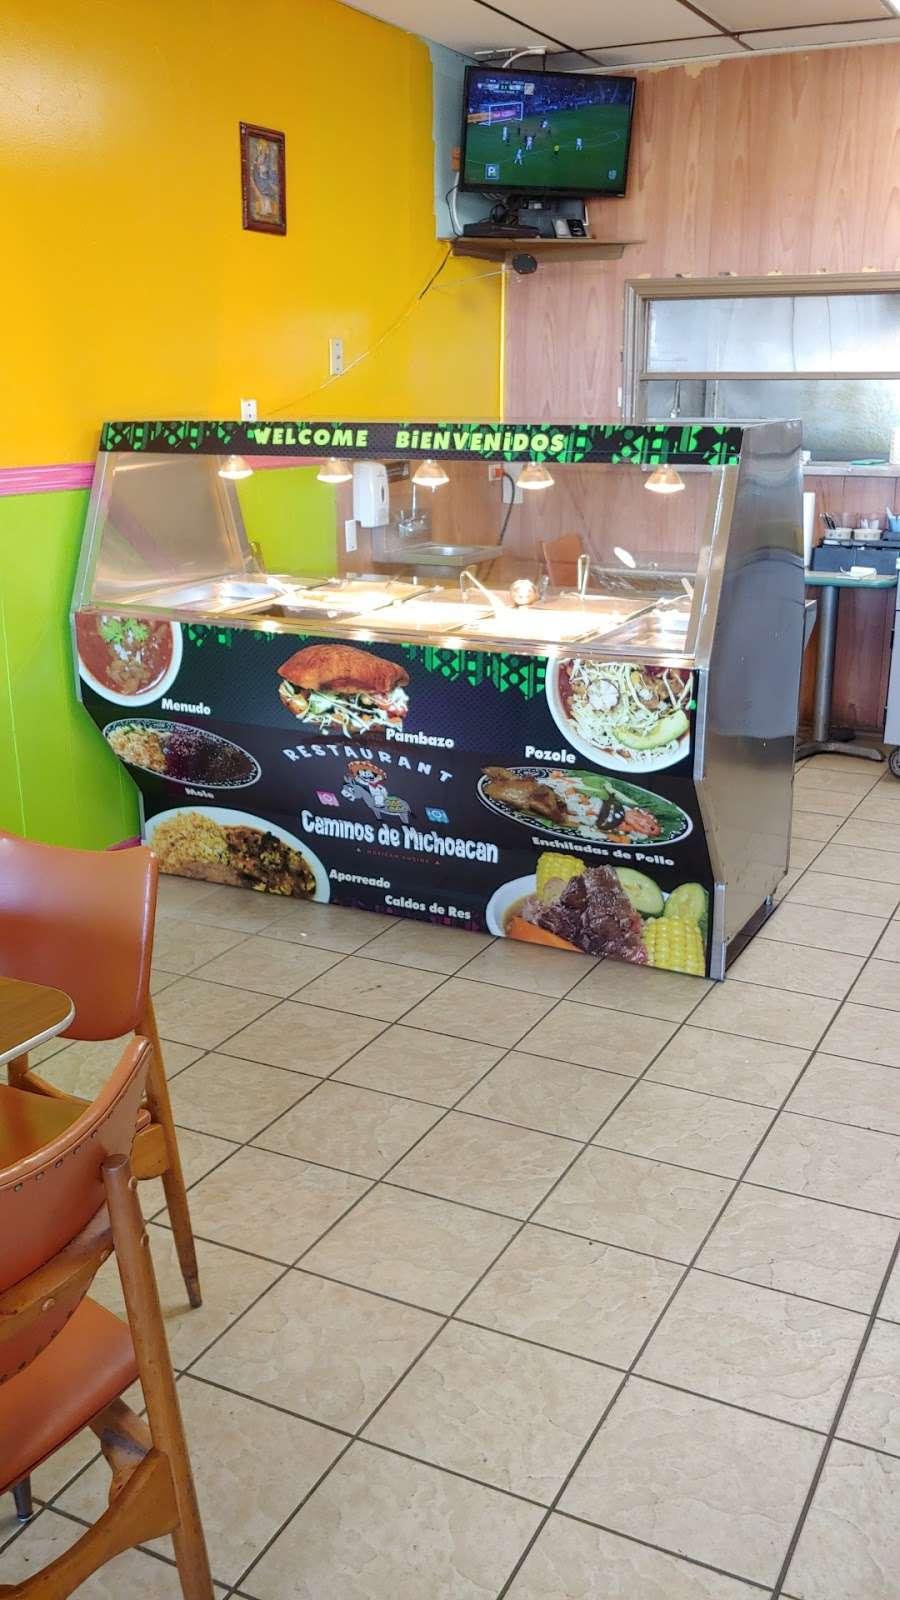 Restaurant Caminos De Michoacan - restaurant  | Photo 7 of 10 | Address: 716 Murphy Rd, Stafford, TX 77477, USA | Phone: (832) 539-6441